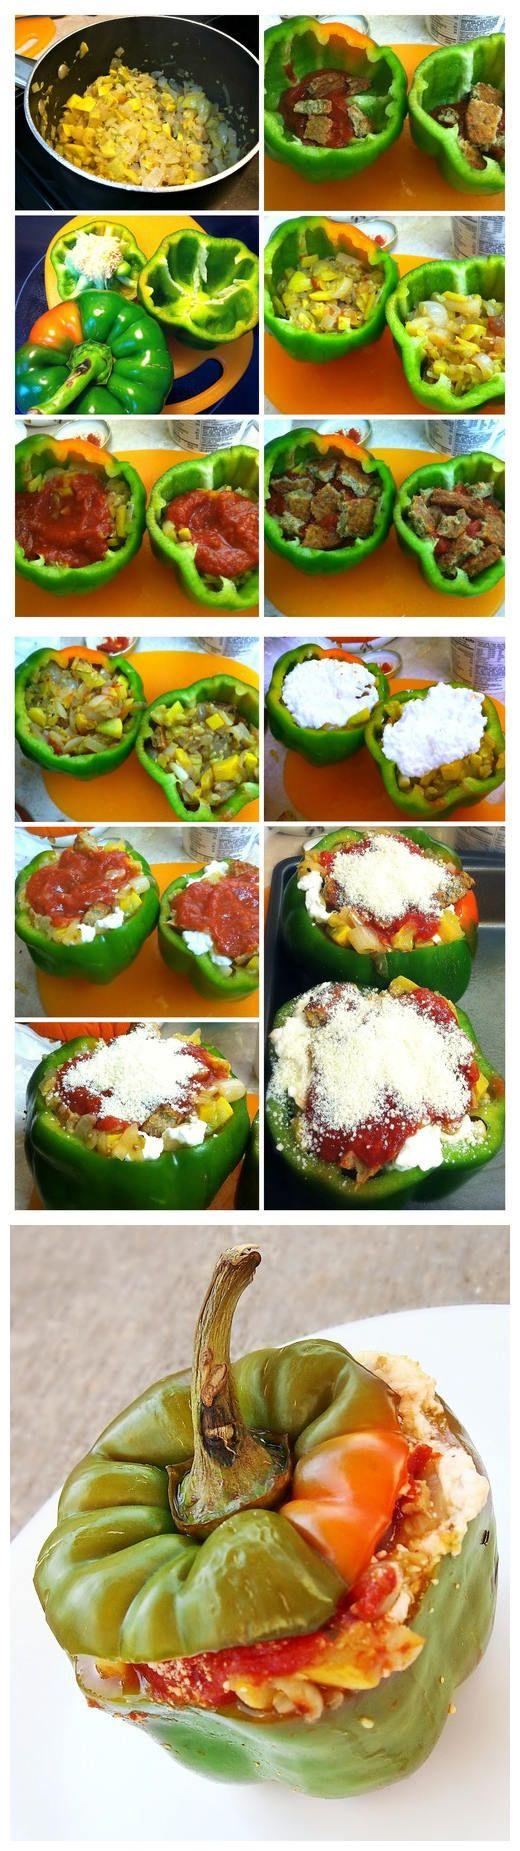 Vegetarian Stuffed Bell Peppers : Summer Has Begun!